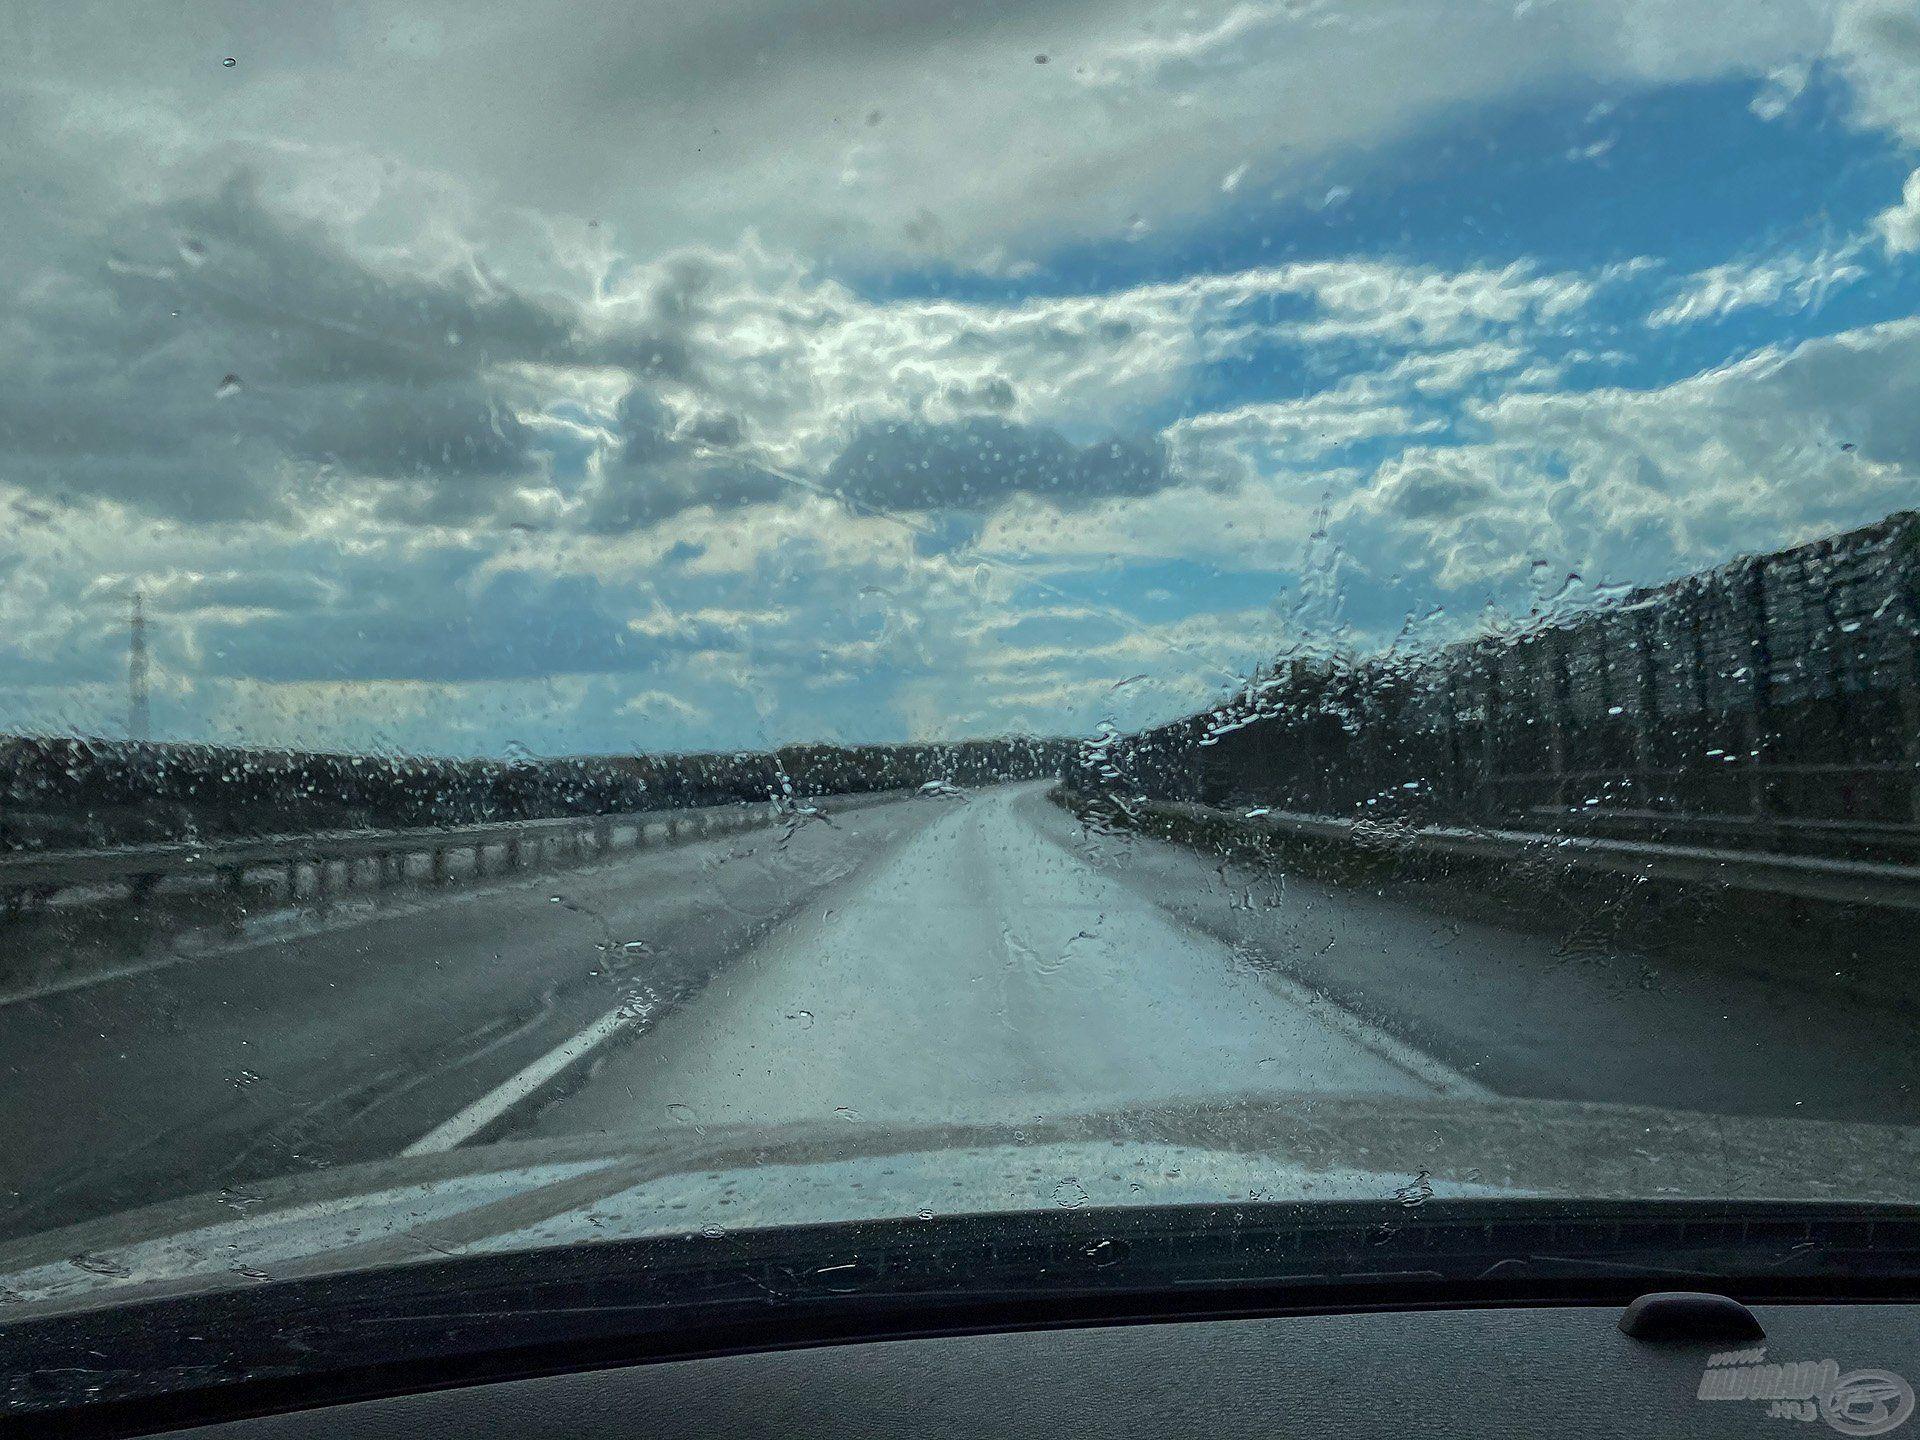 Érkezésünk délutánján már az autópályán haladva azzal kellett szembesülnünk, hogy nagy cseppekben zuhogni kezd az eső, majd pár pillanattal később a jég is kopogni kezdett